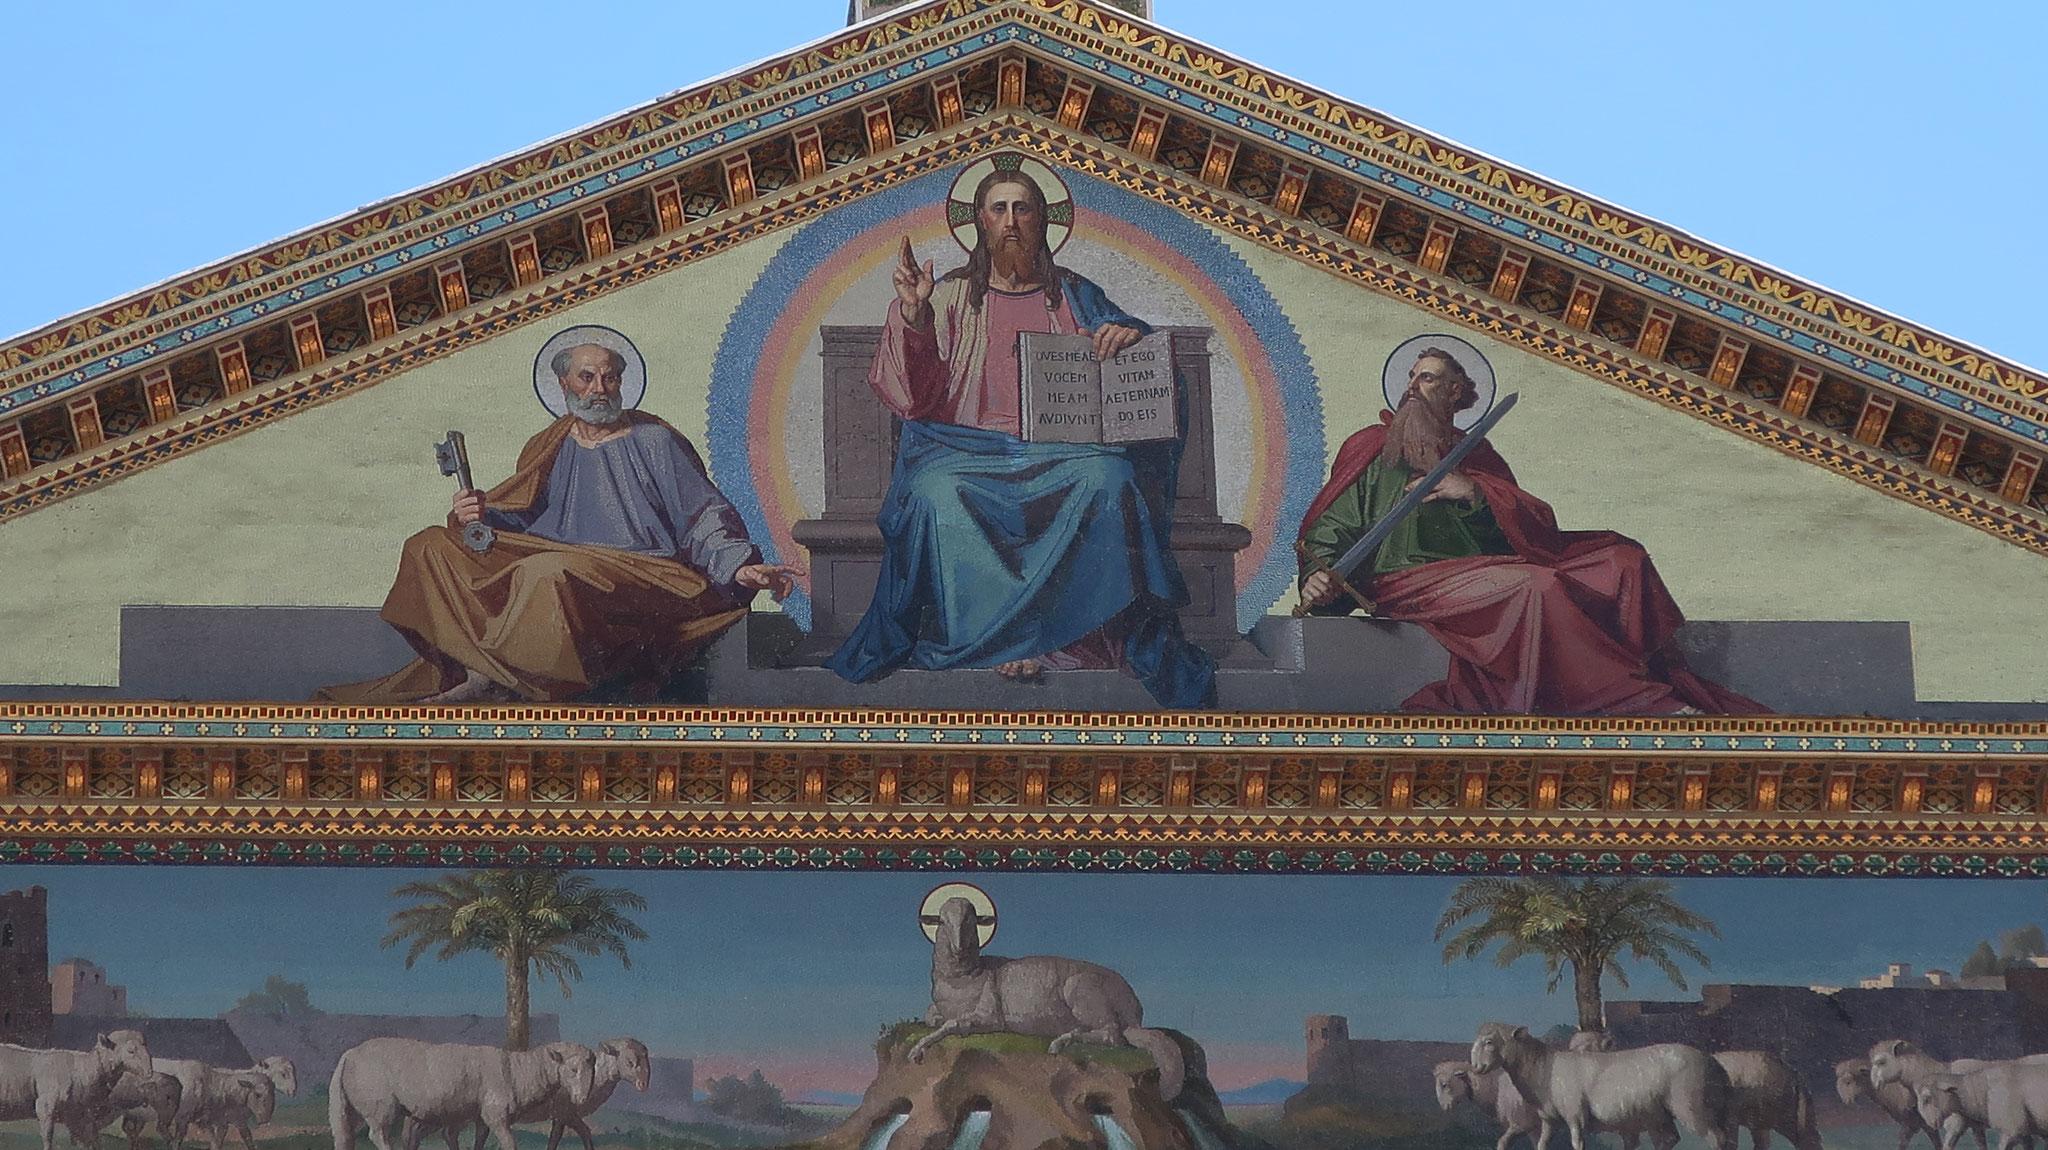 左から聖ペトロ、イエス・キリスト、聖パウロ